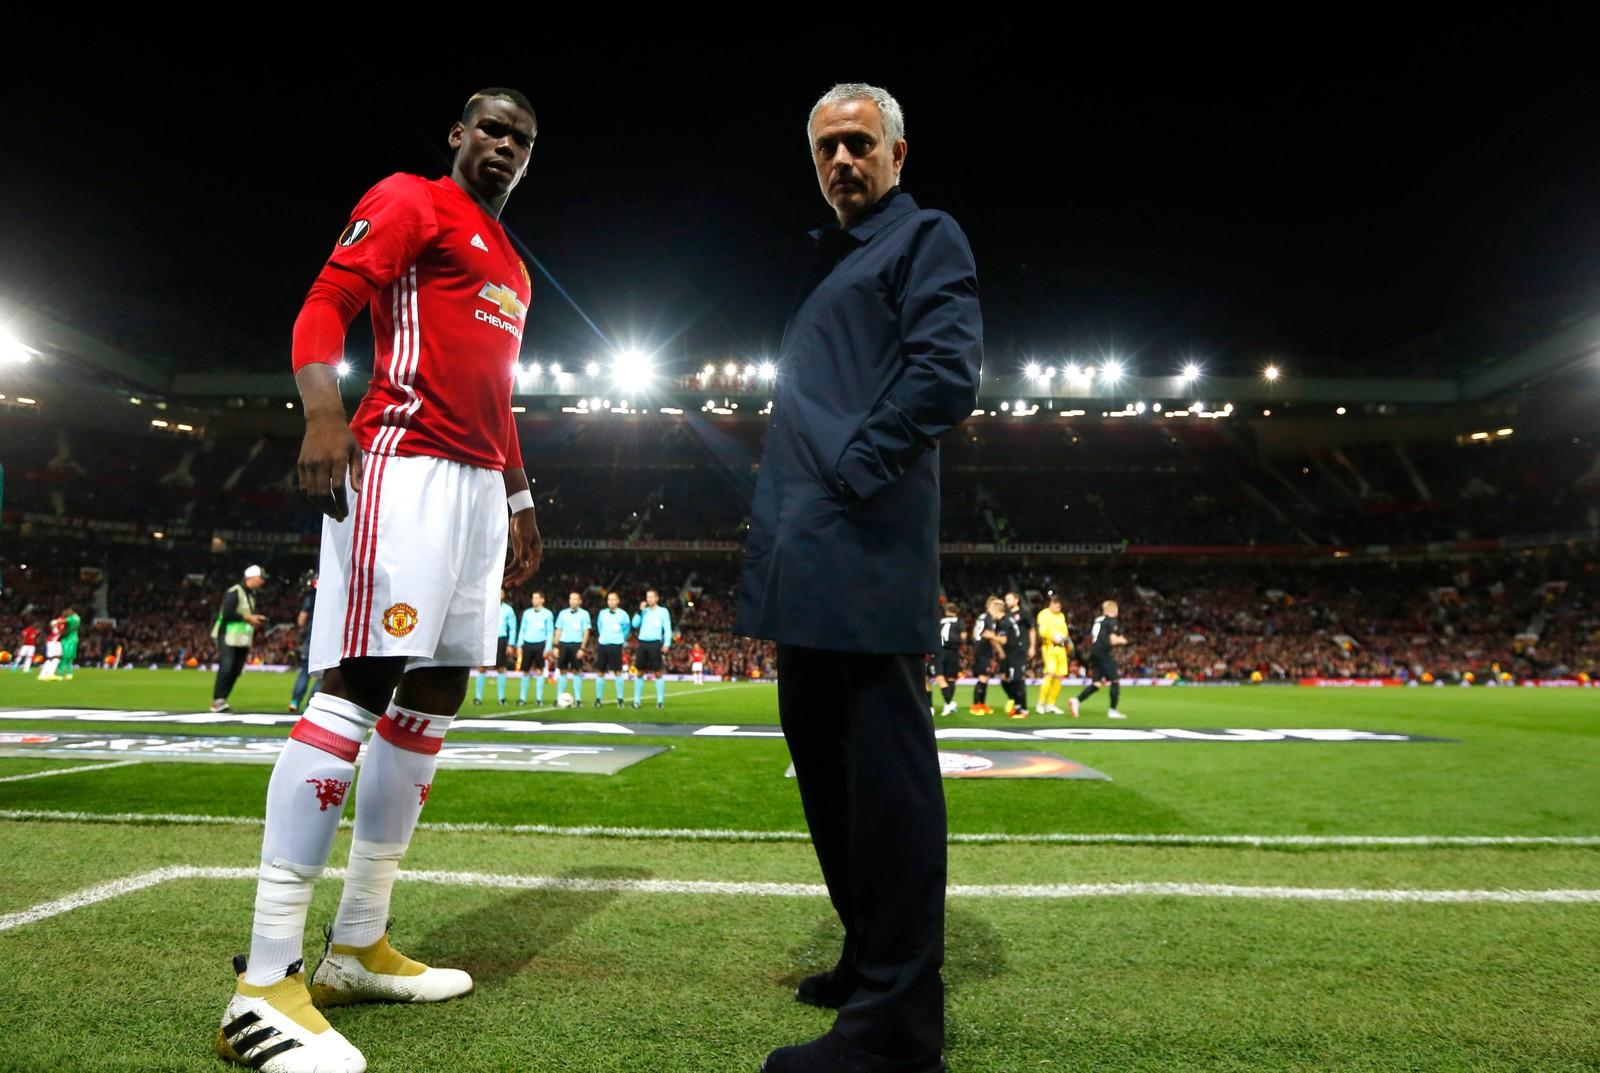 Hva er det du ser på!? Paul Pogba og José Mourinho før kampen mot mellom Manchester United og Zoya Luhansk på Old Trafford den 29. september.